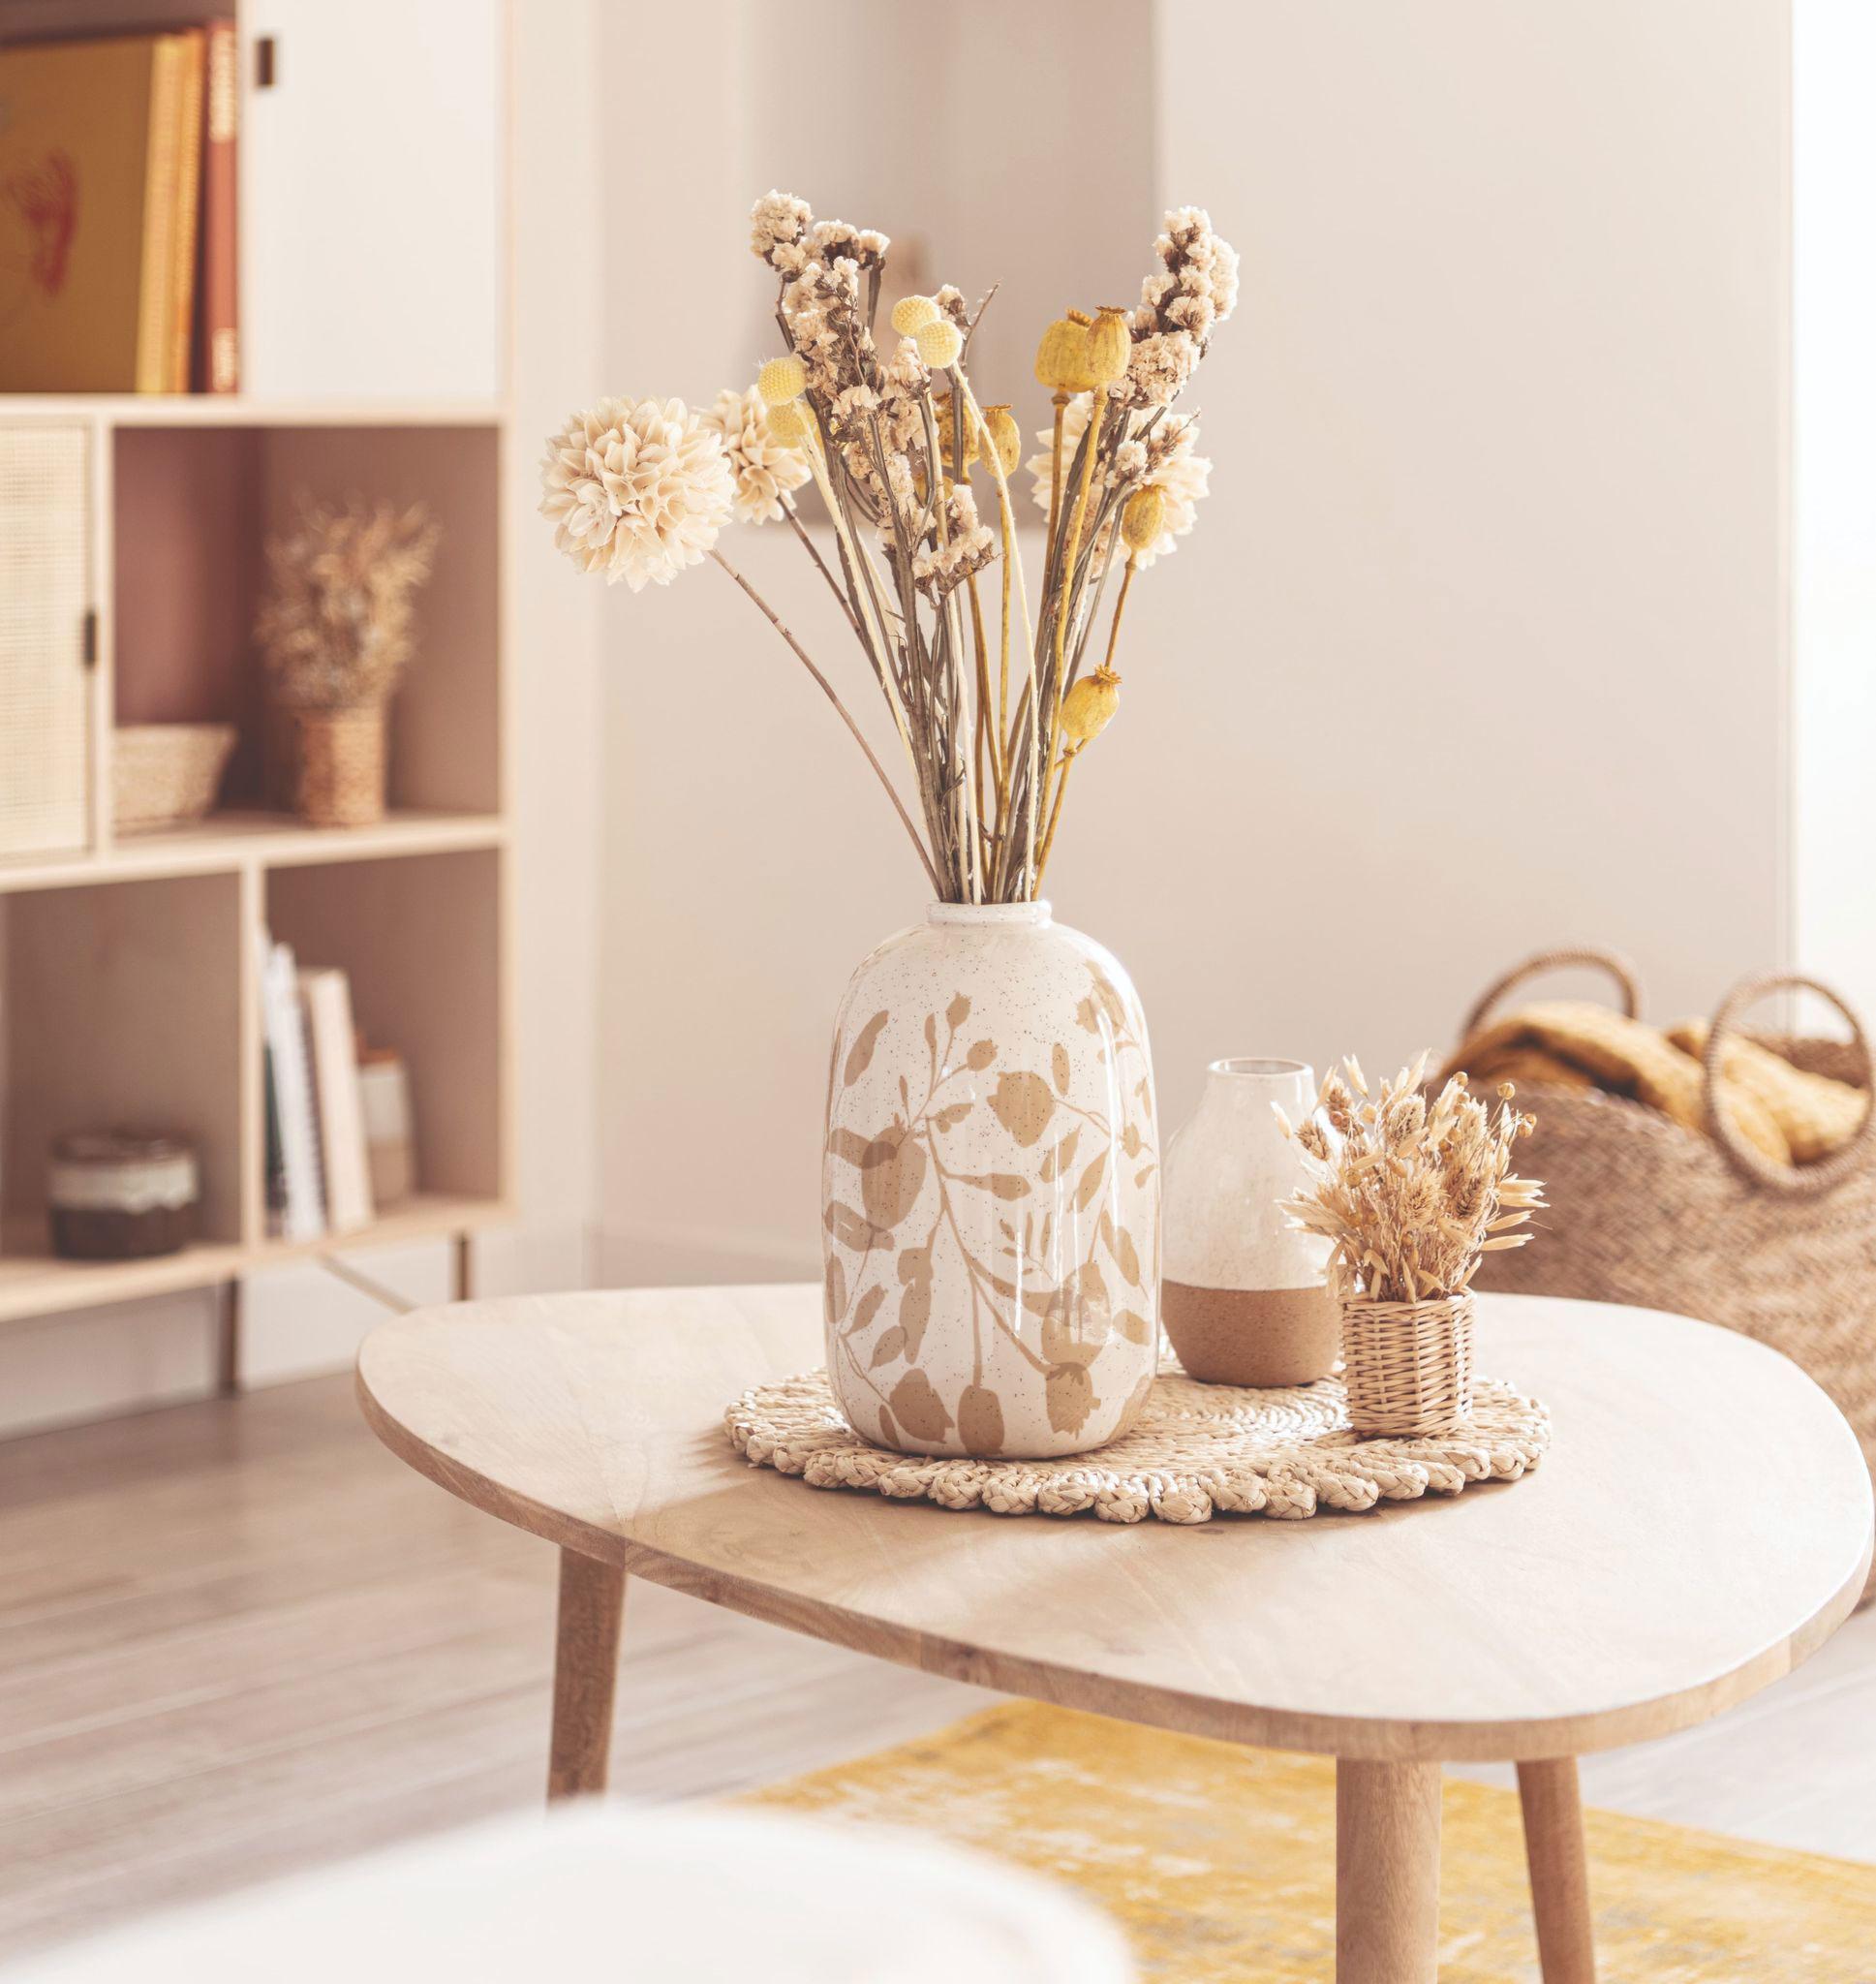 Ещё больше летнего вдохновения: тёплая коллекция Formentera от Maisons du Monde